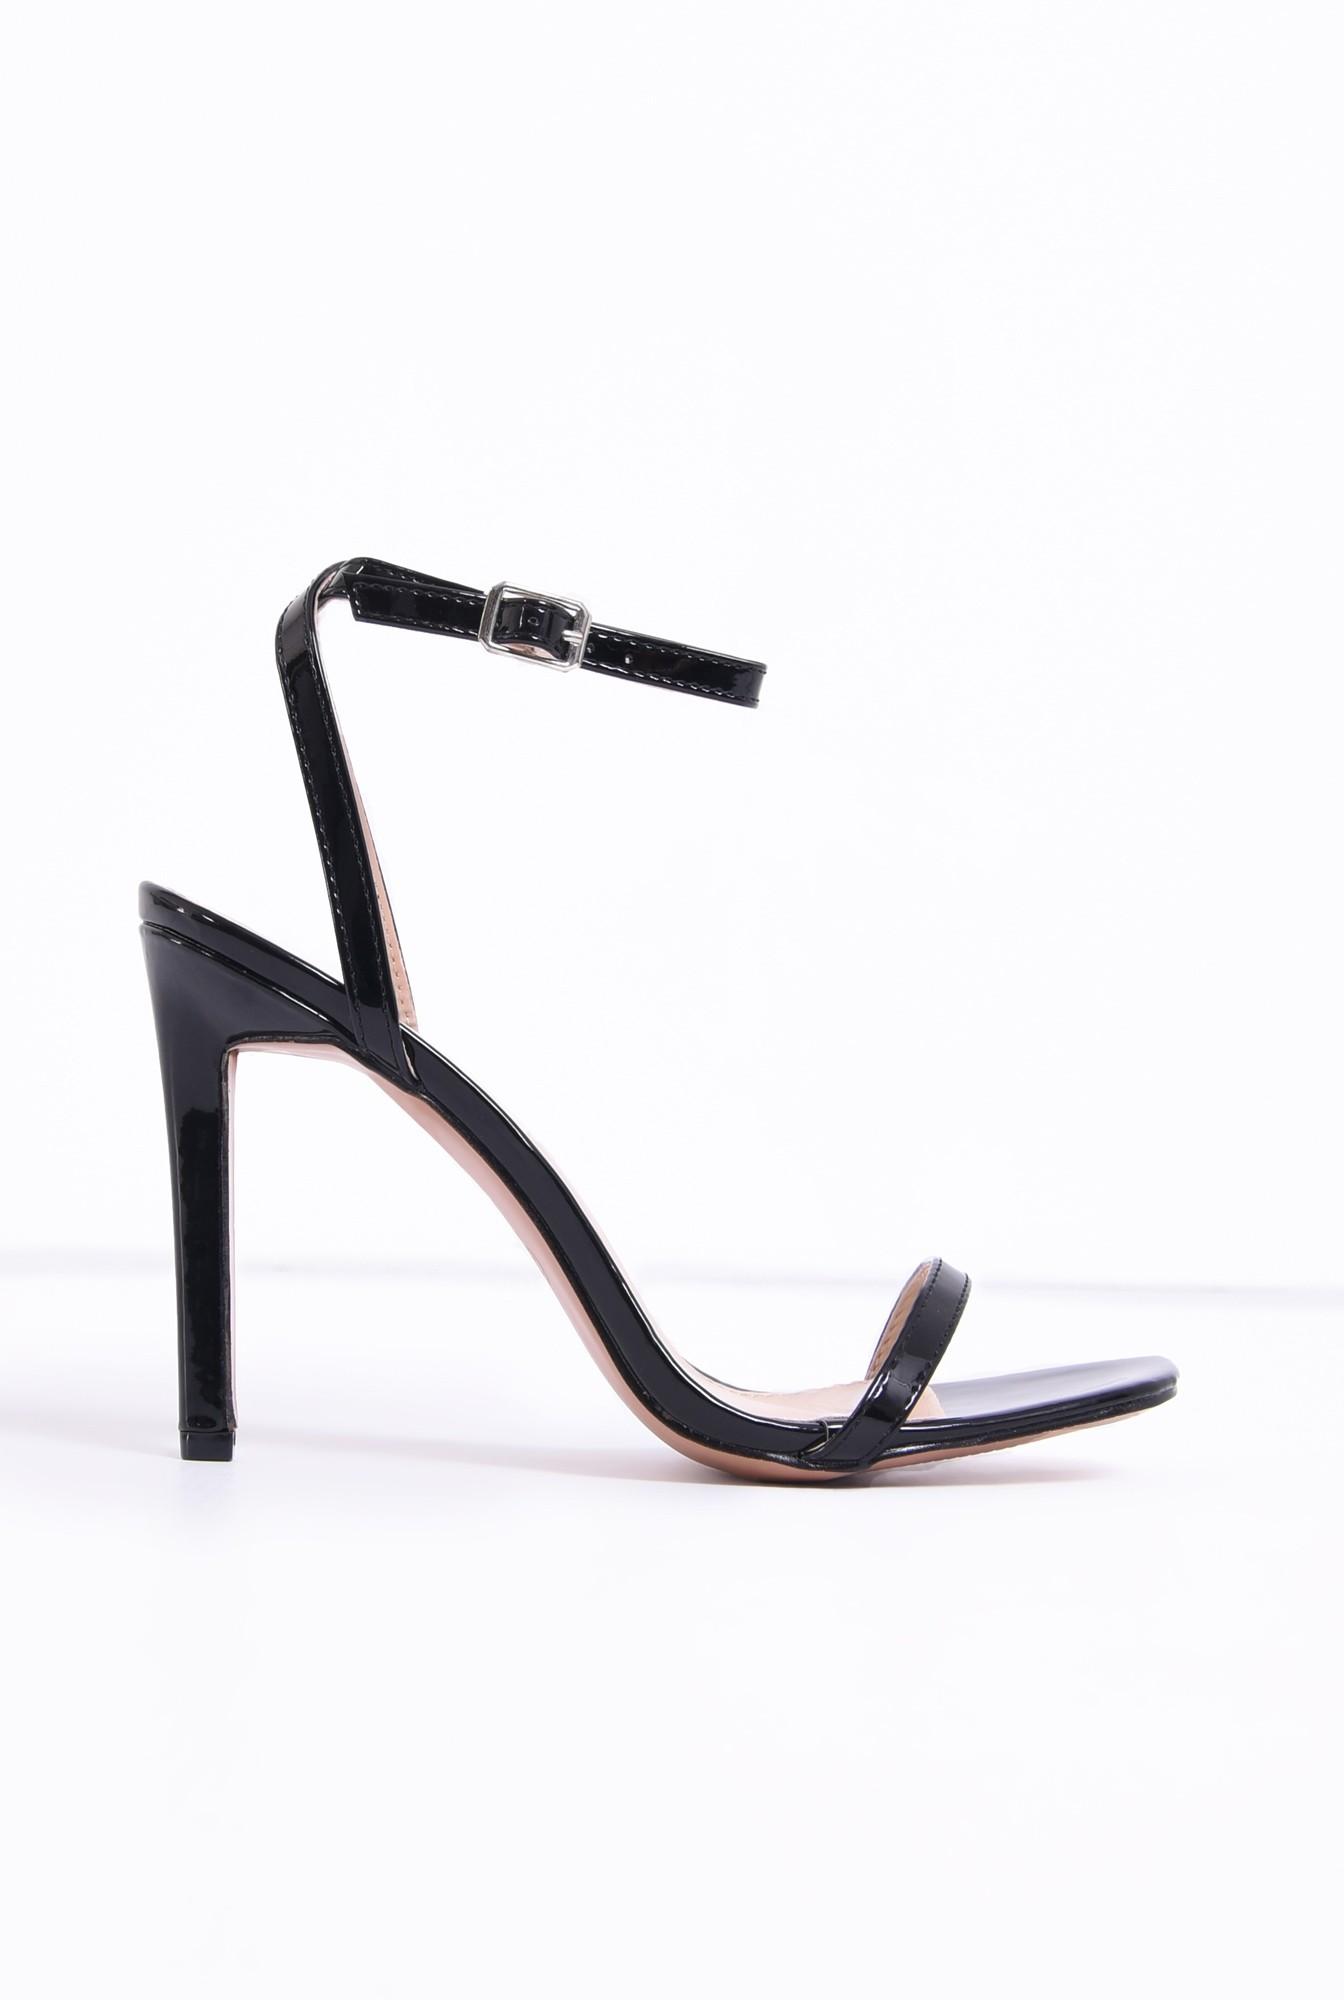 0 - sandale elegante, din lac, negre, toc cui